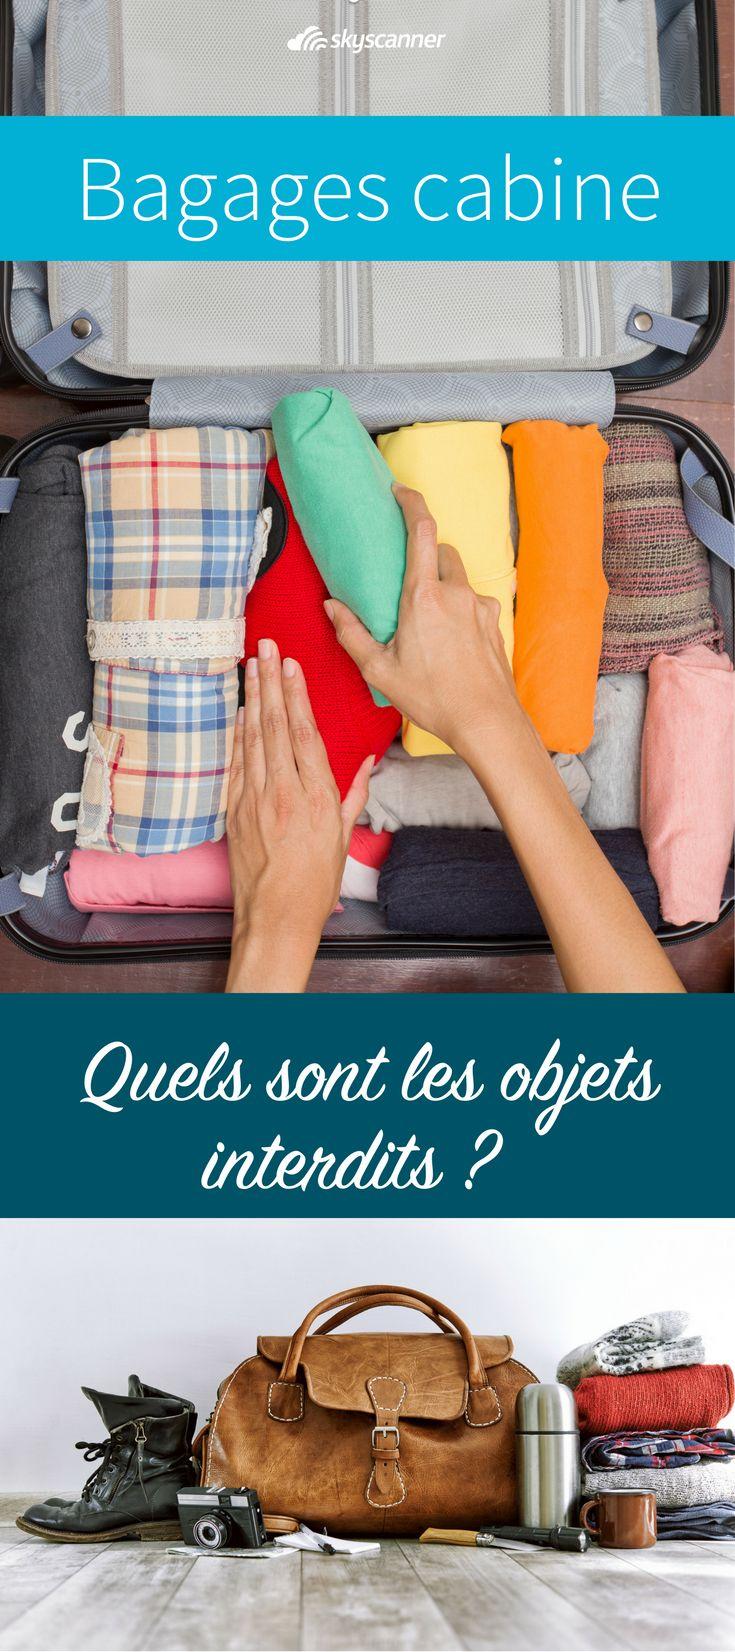 Bagage cabine : que puis-je y mettre ? Partir en voyage avec uniquement un bagage cabine est idéal. Cependant, avant de faire votre valise, il est bon de se renseigner afin de savoir ce que vous pouvez (ou pas) emporter afin d'éviter de vous les faire confisquer à l'aéroport.